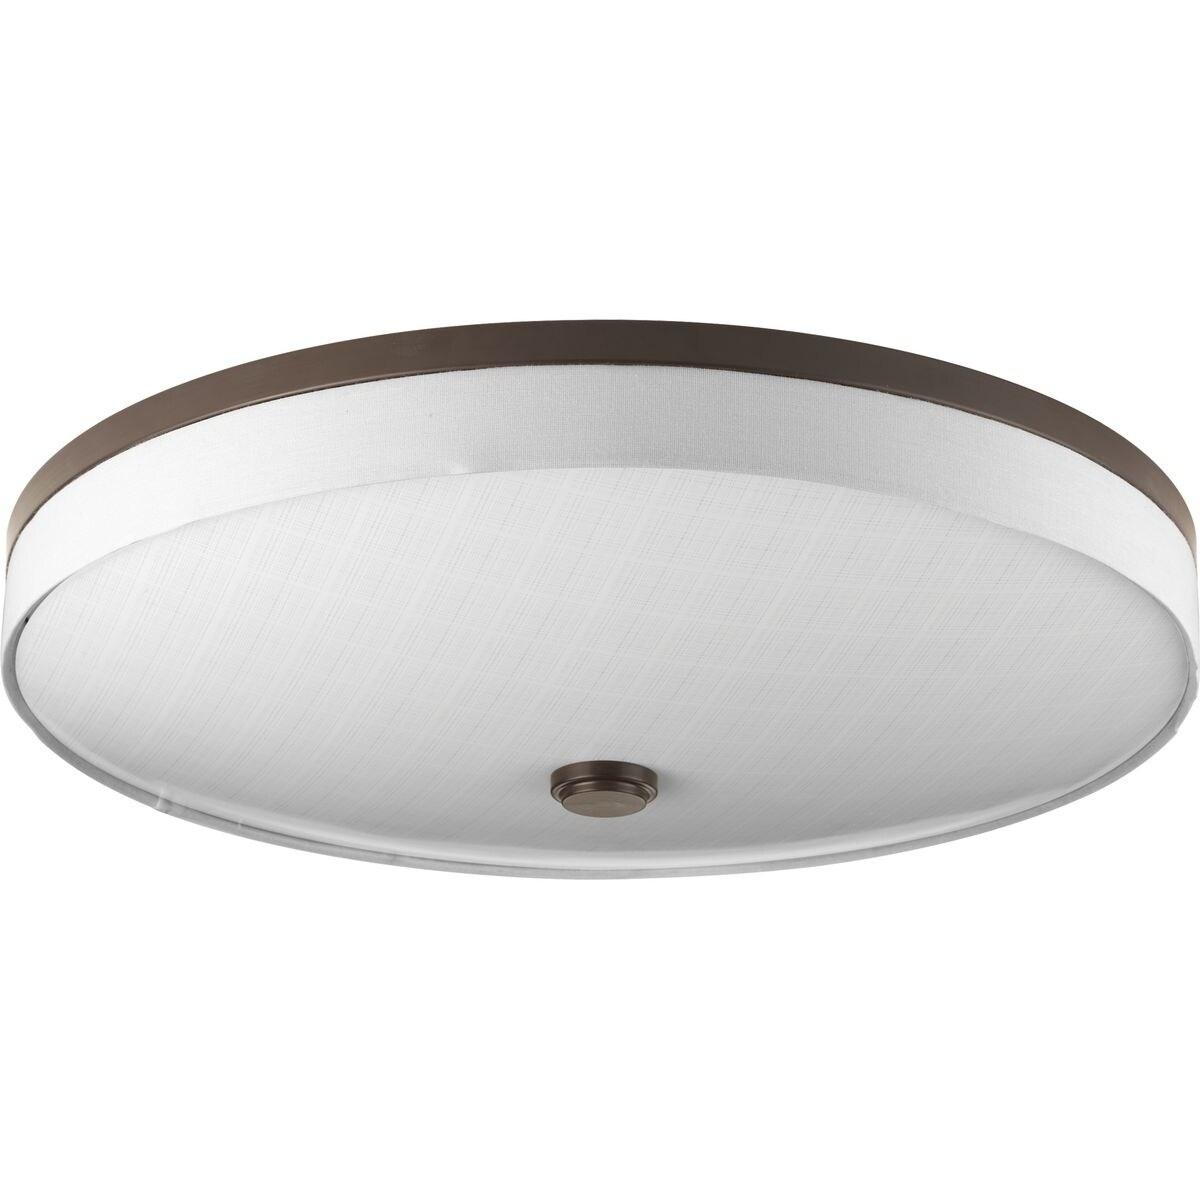 p2301 0930k9 progress lighting flush